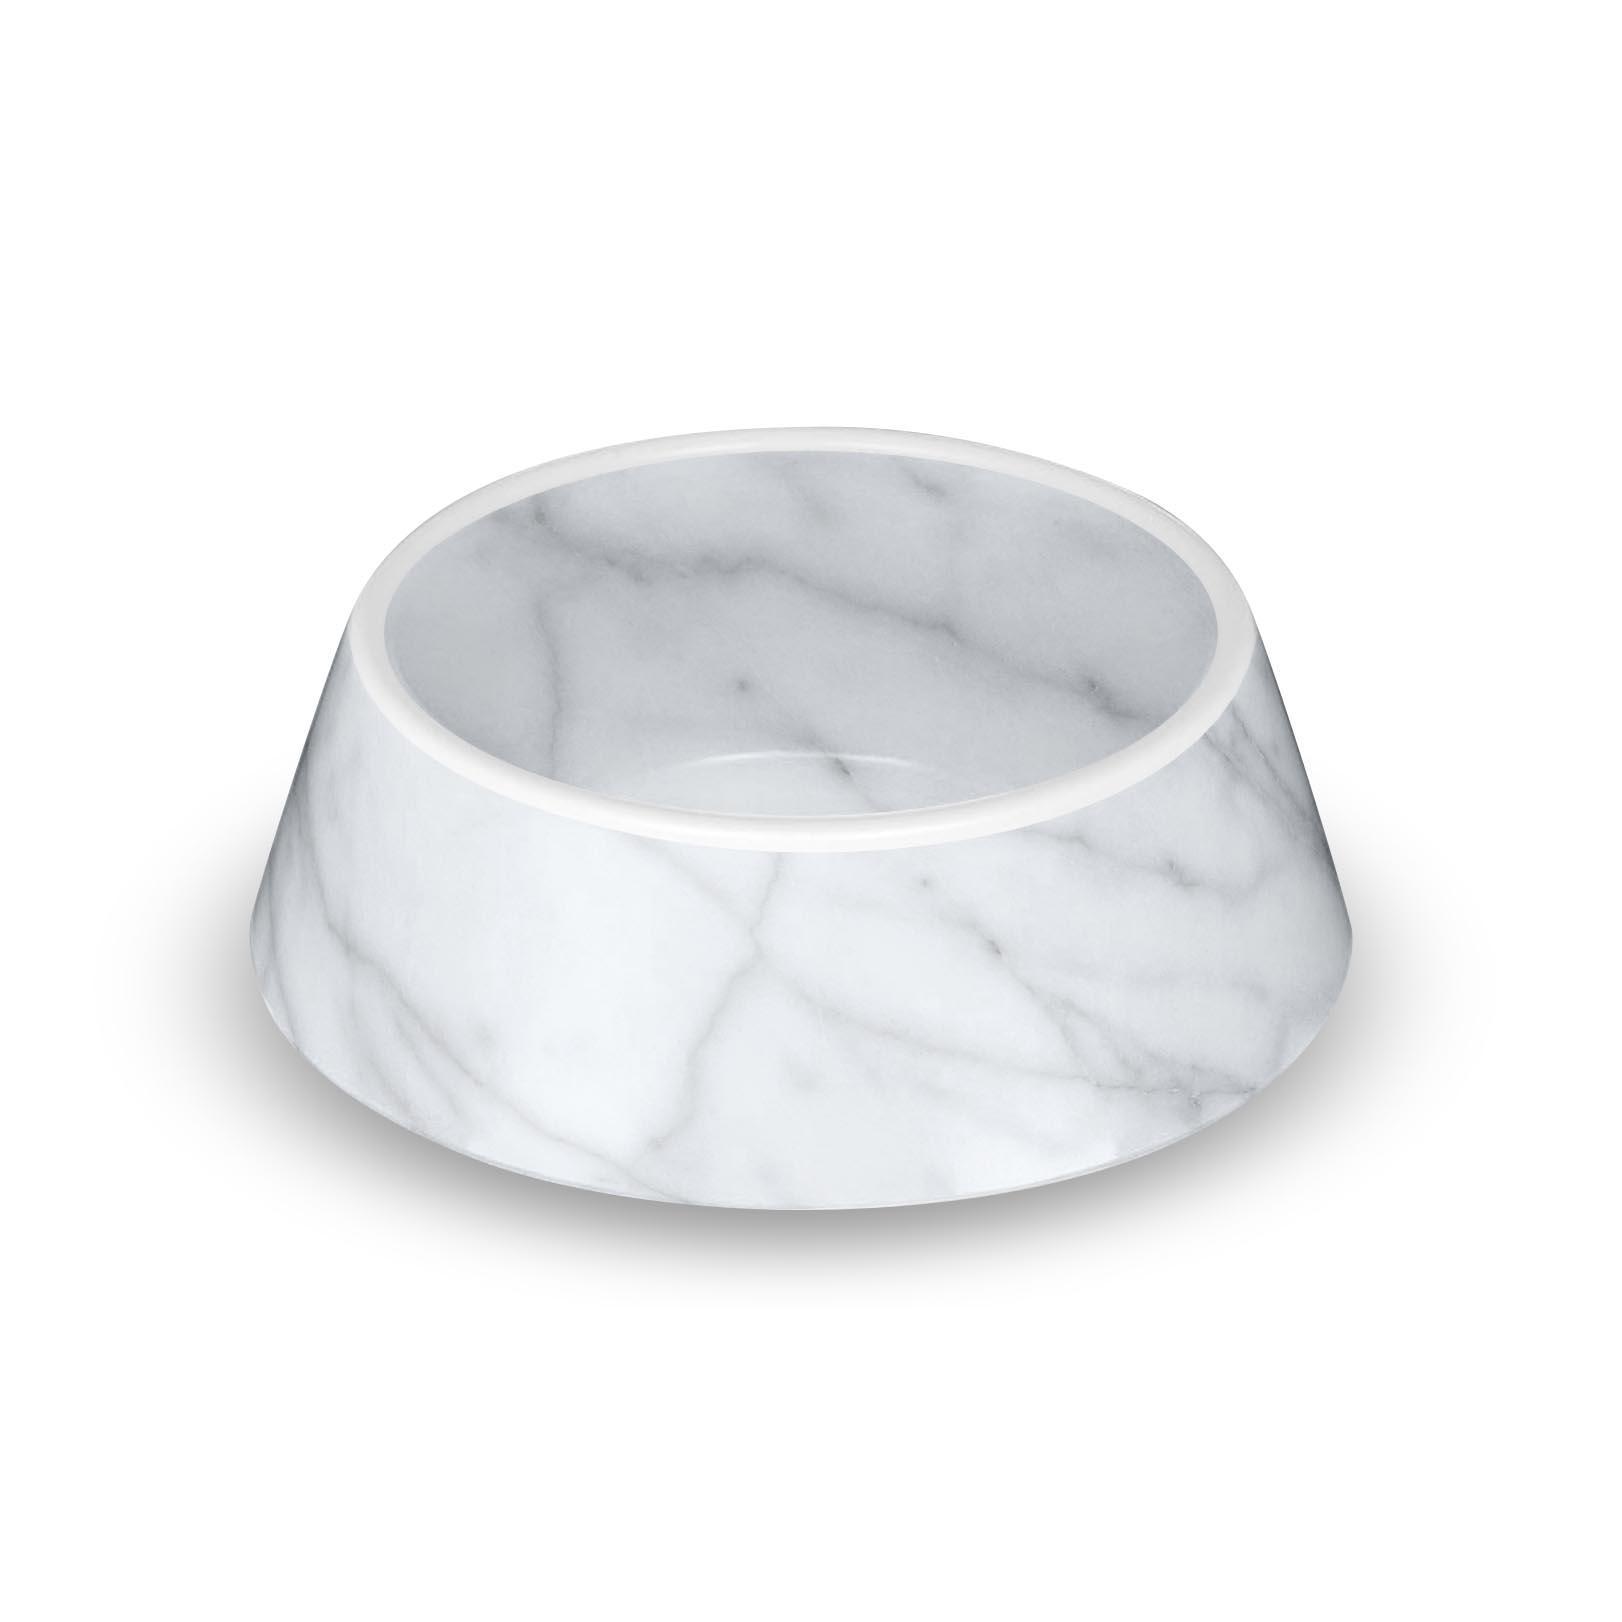 Carrara Marble Dog Bowl by TarHong